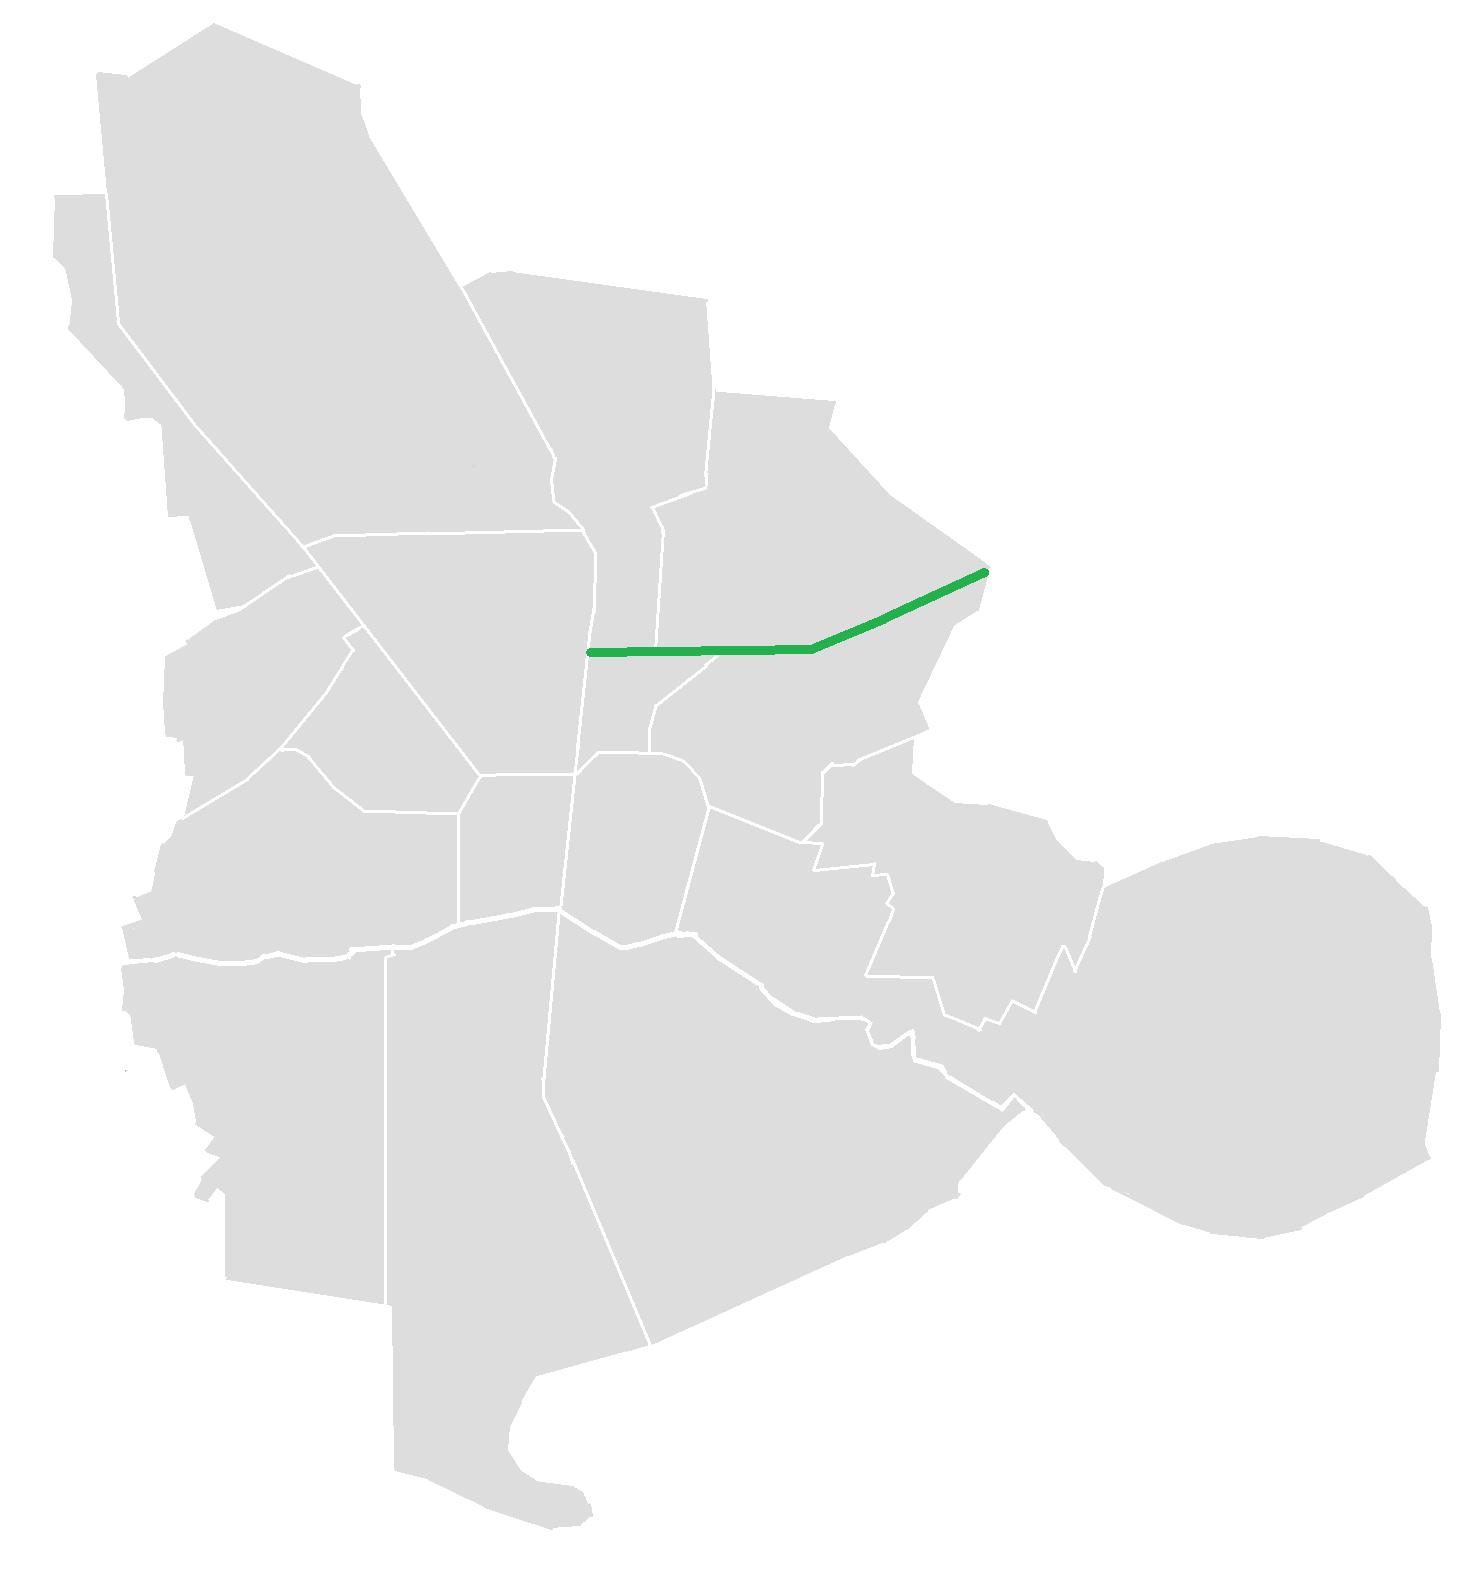 File:Chamran Expressway map-Isfahan.png - Wikipedia